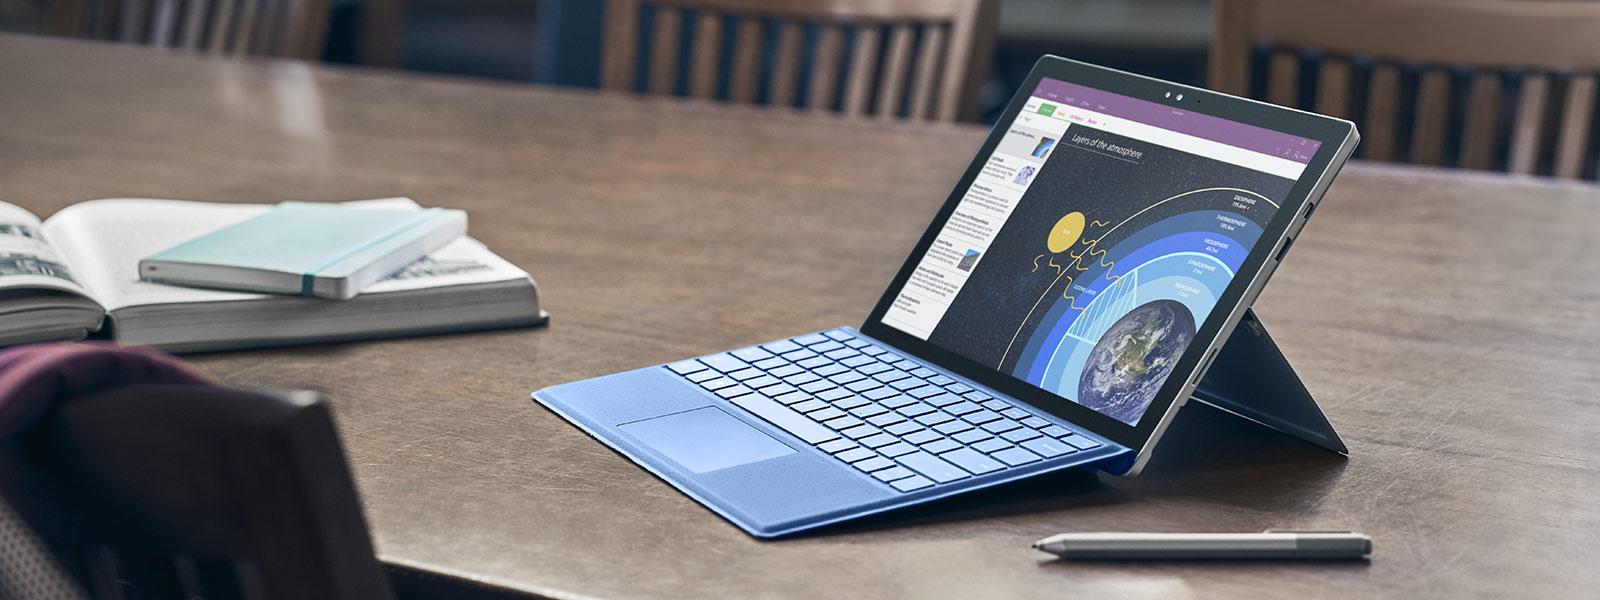 Surface Studio in Studio-modus met Surface-pen en muis.